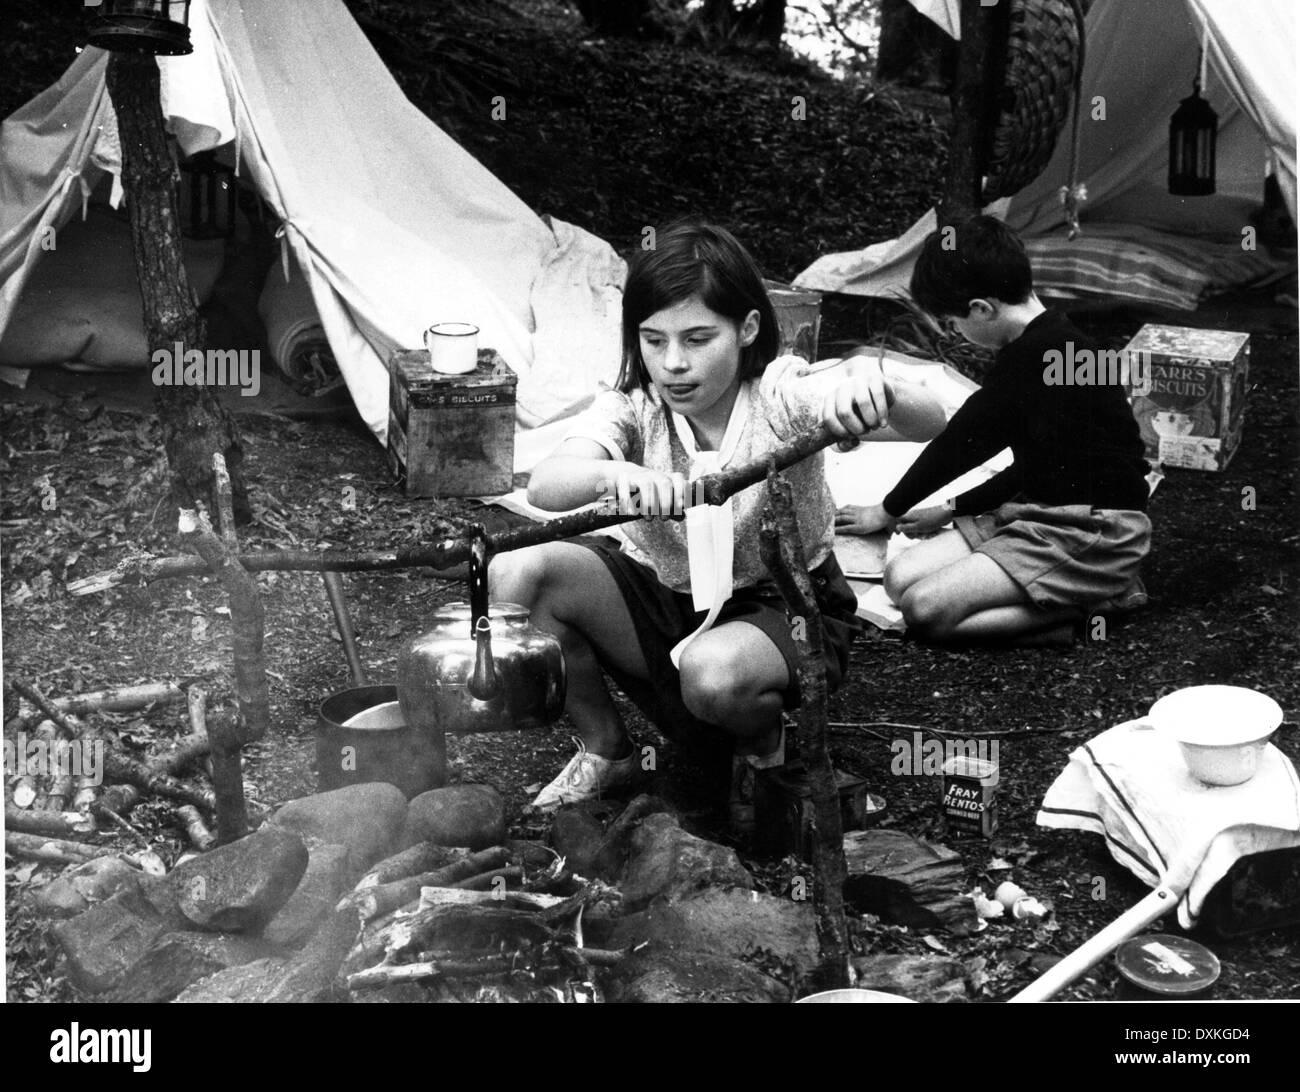 Suzanna Hamilton Nude Photos 92